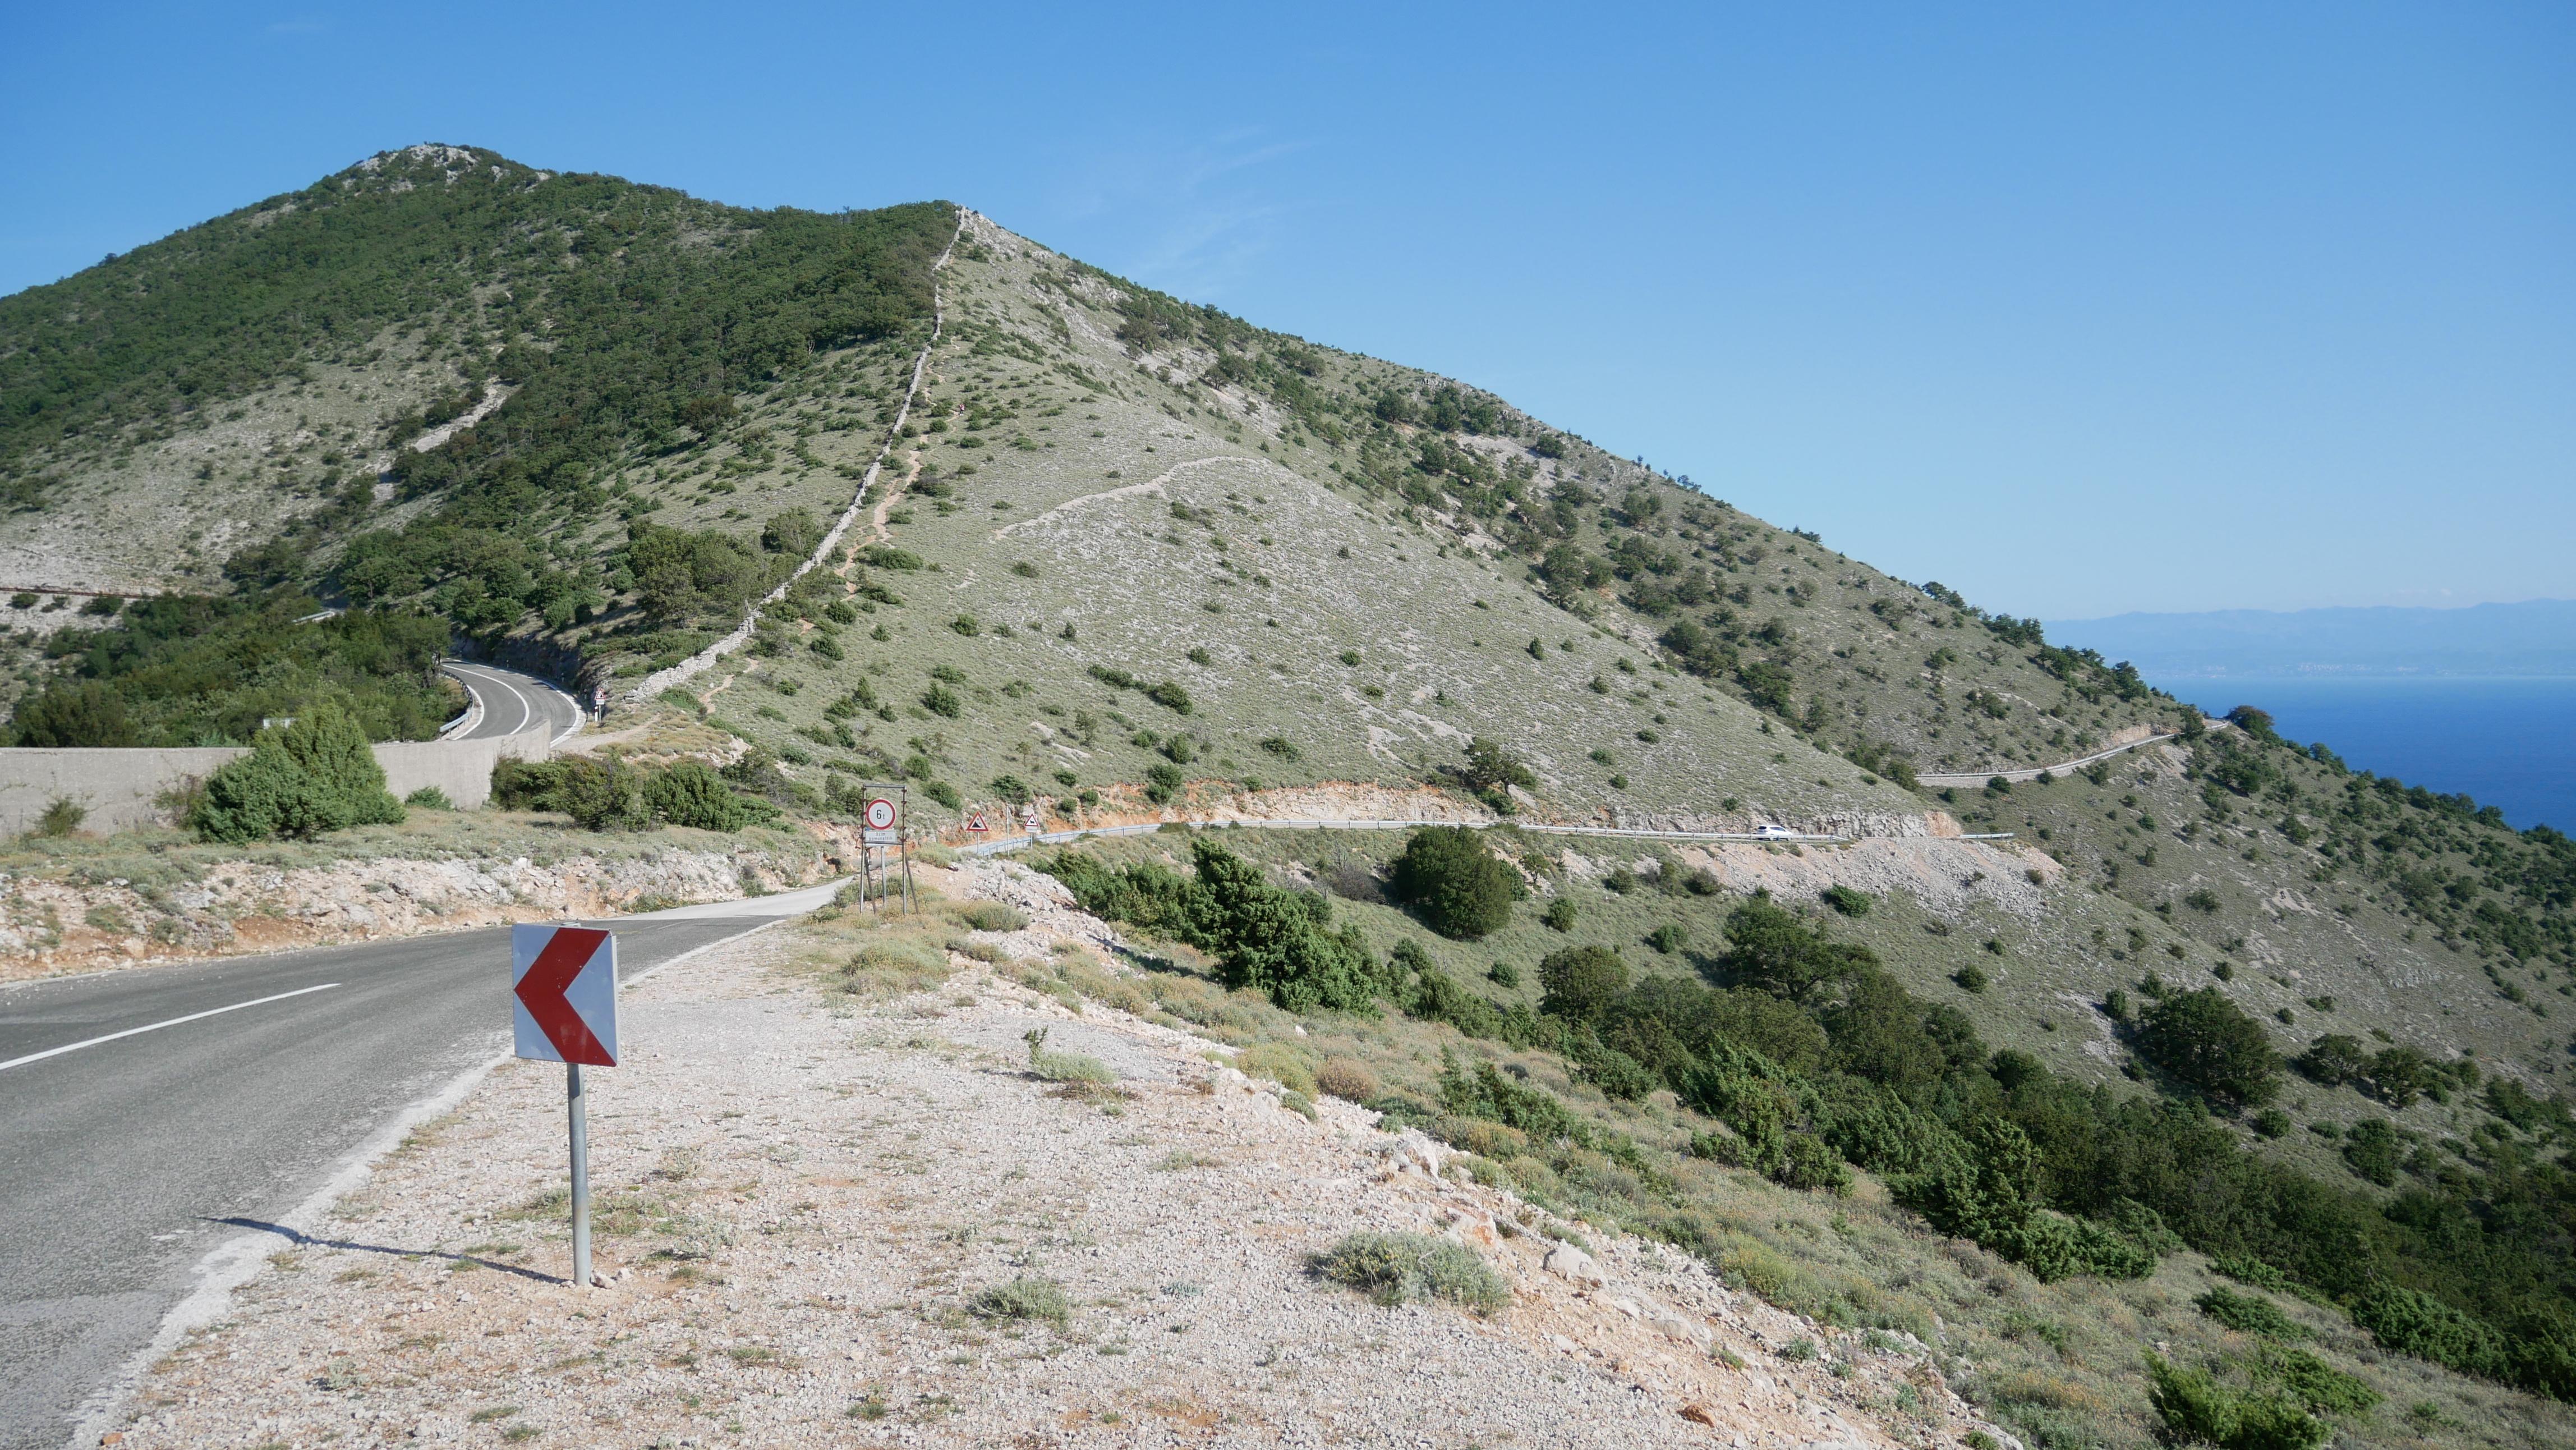 Slika prikazuje pogled na brdo s jednog od vidikovaca na otoku Cresu, u blizina mjesta Beli.